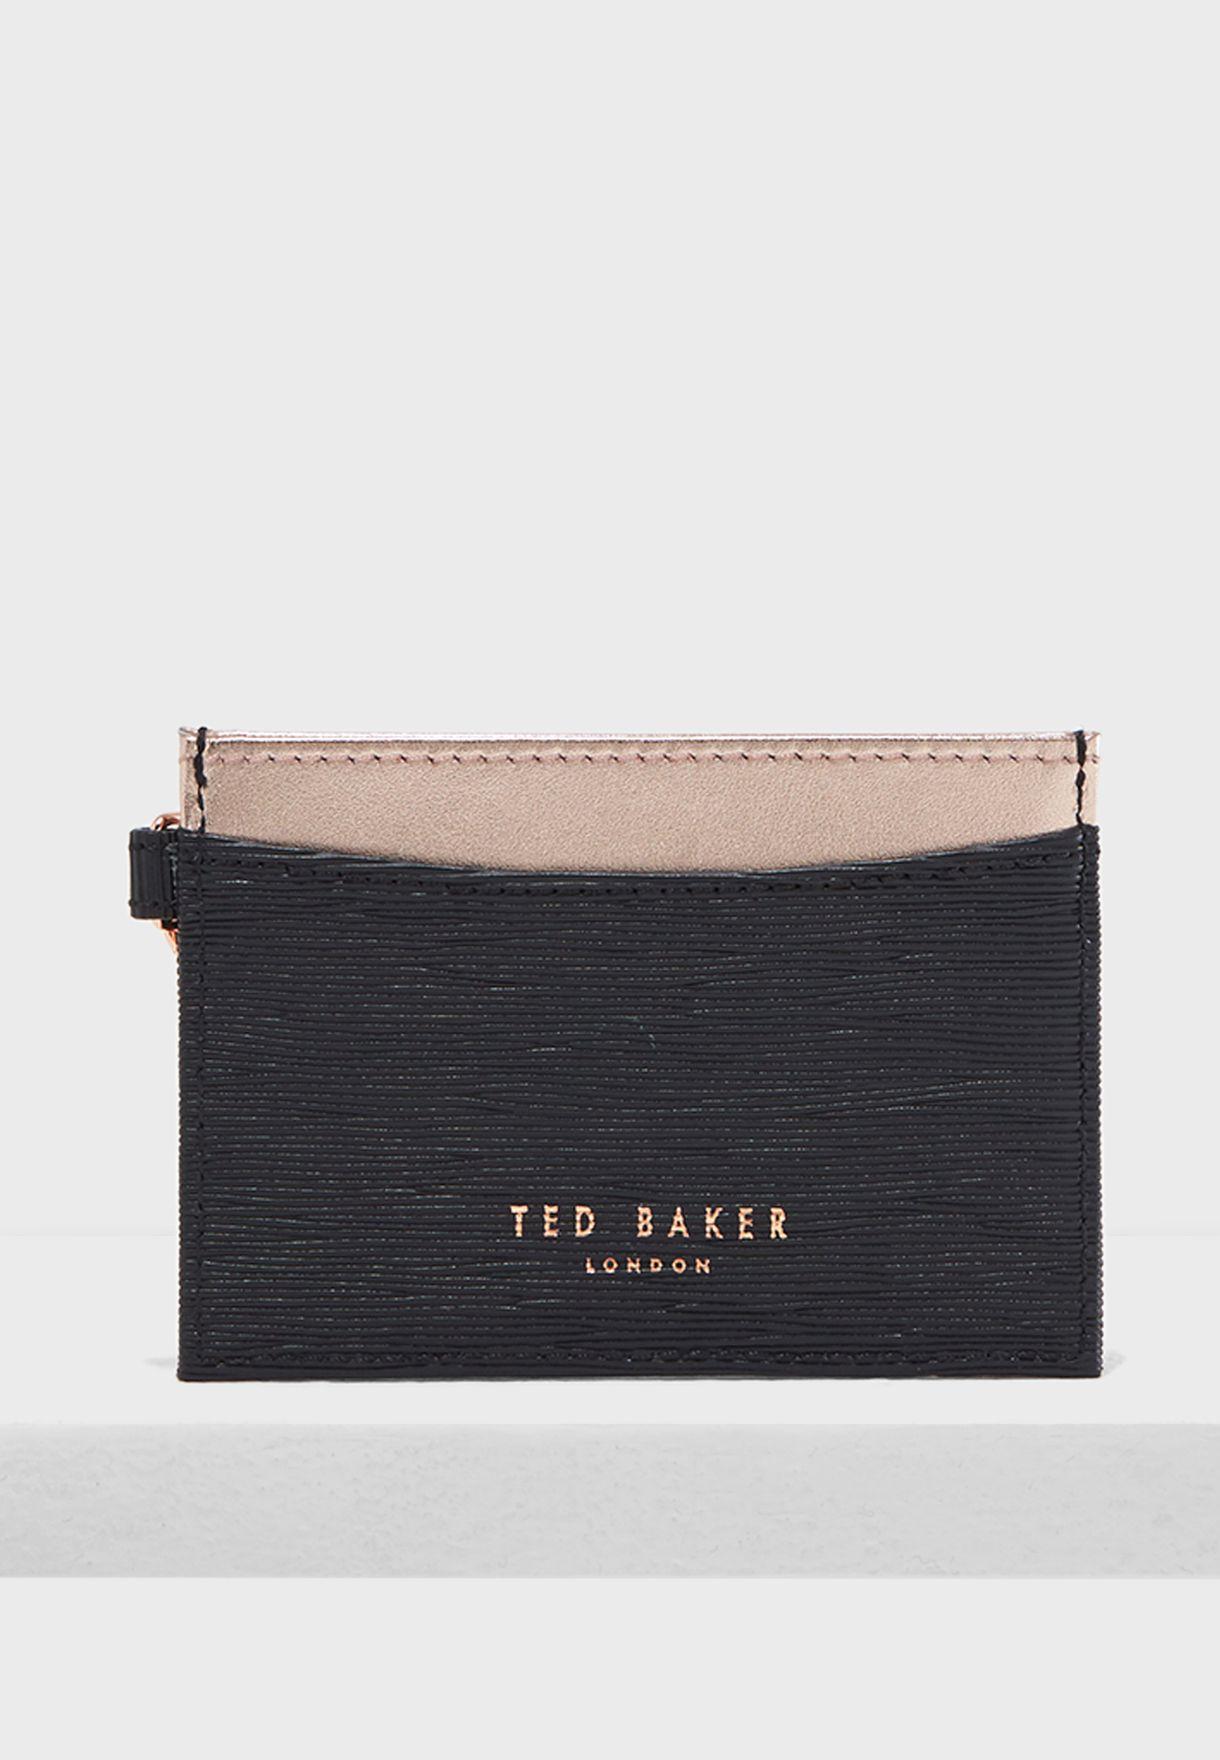 d2de50a99d7c14 Shop Ted baker black Meira Bow Chain Cardholder 143210 for ...